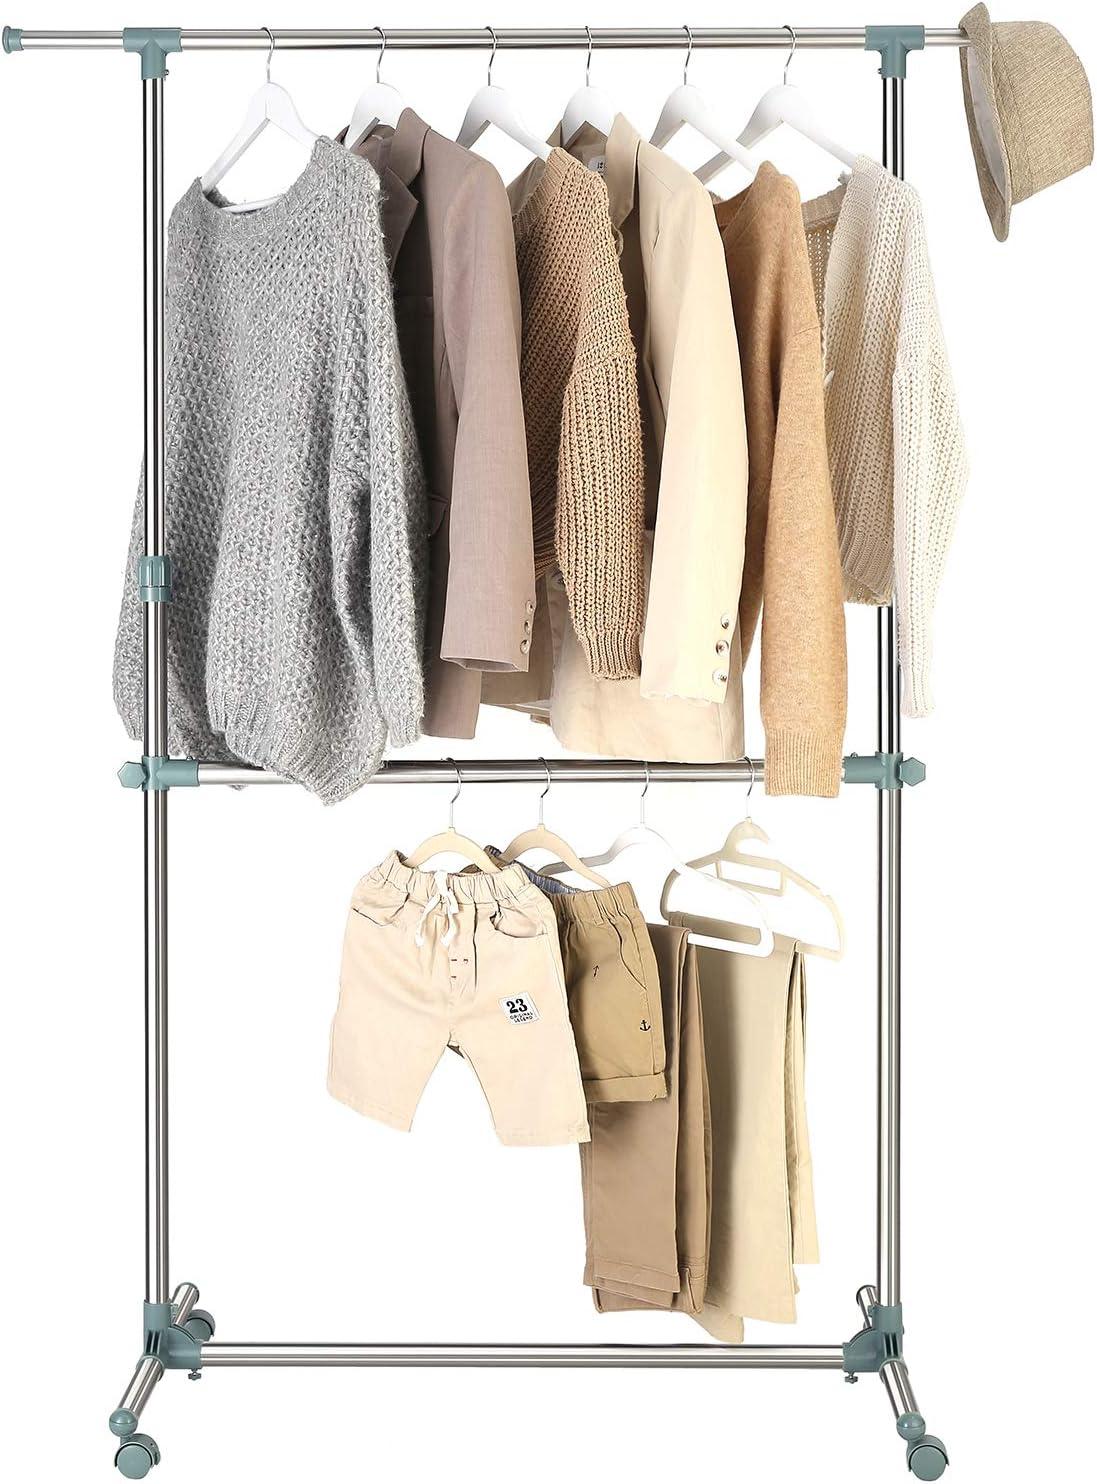 Silber-graugr/ün LLR04GG SONGMICS Kleiderst/änder h/öhenverstellbar cm zus/ätzliche Stange im mittleren Bereich, 101-166 x 49 x ausziehbare Kleiderstange Garderobenst/änder 113-198